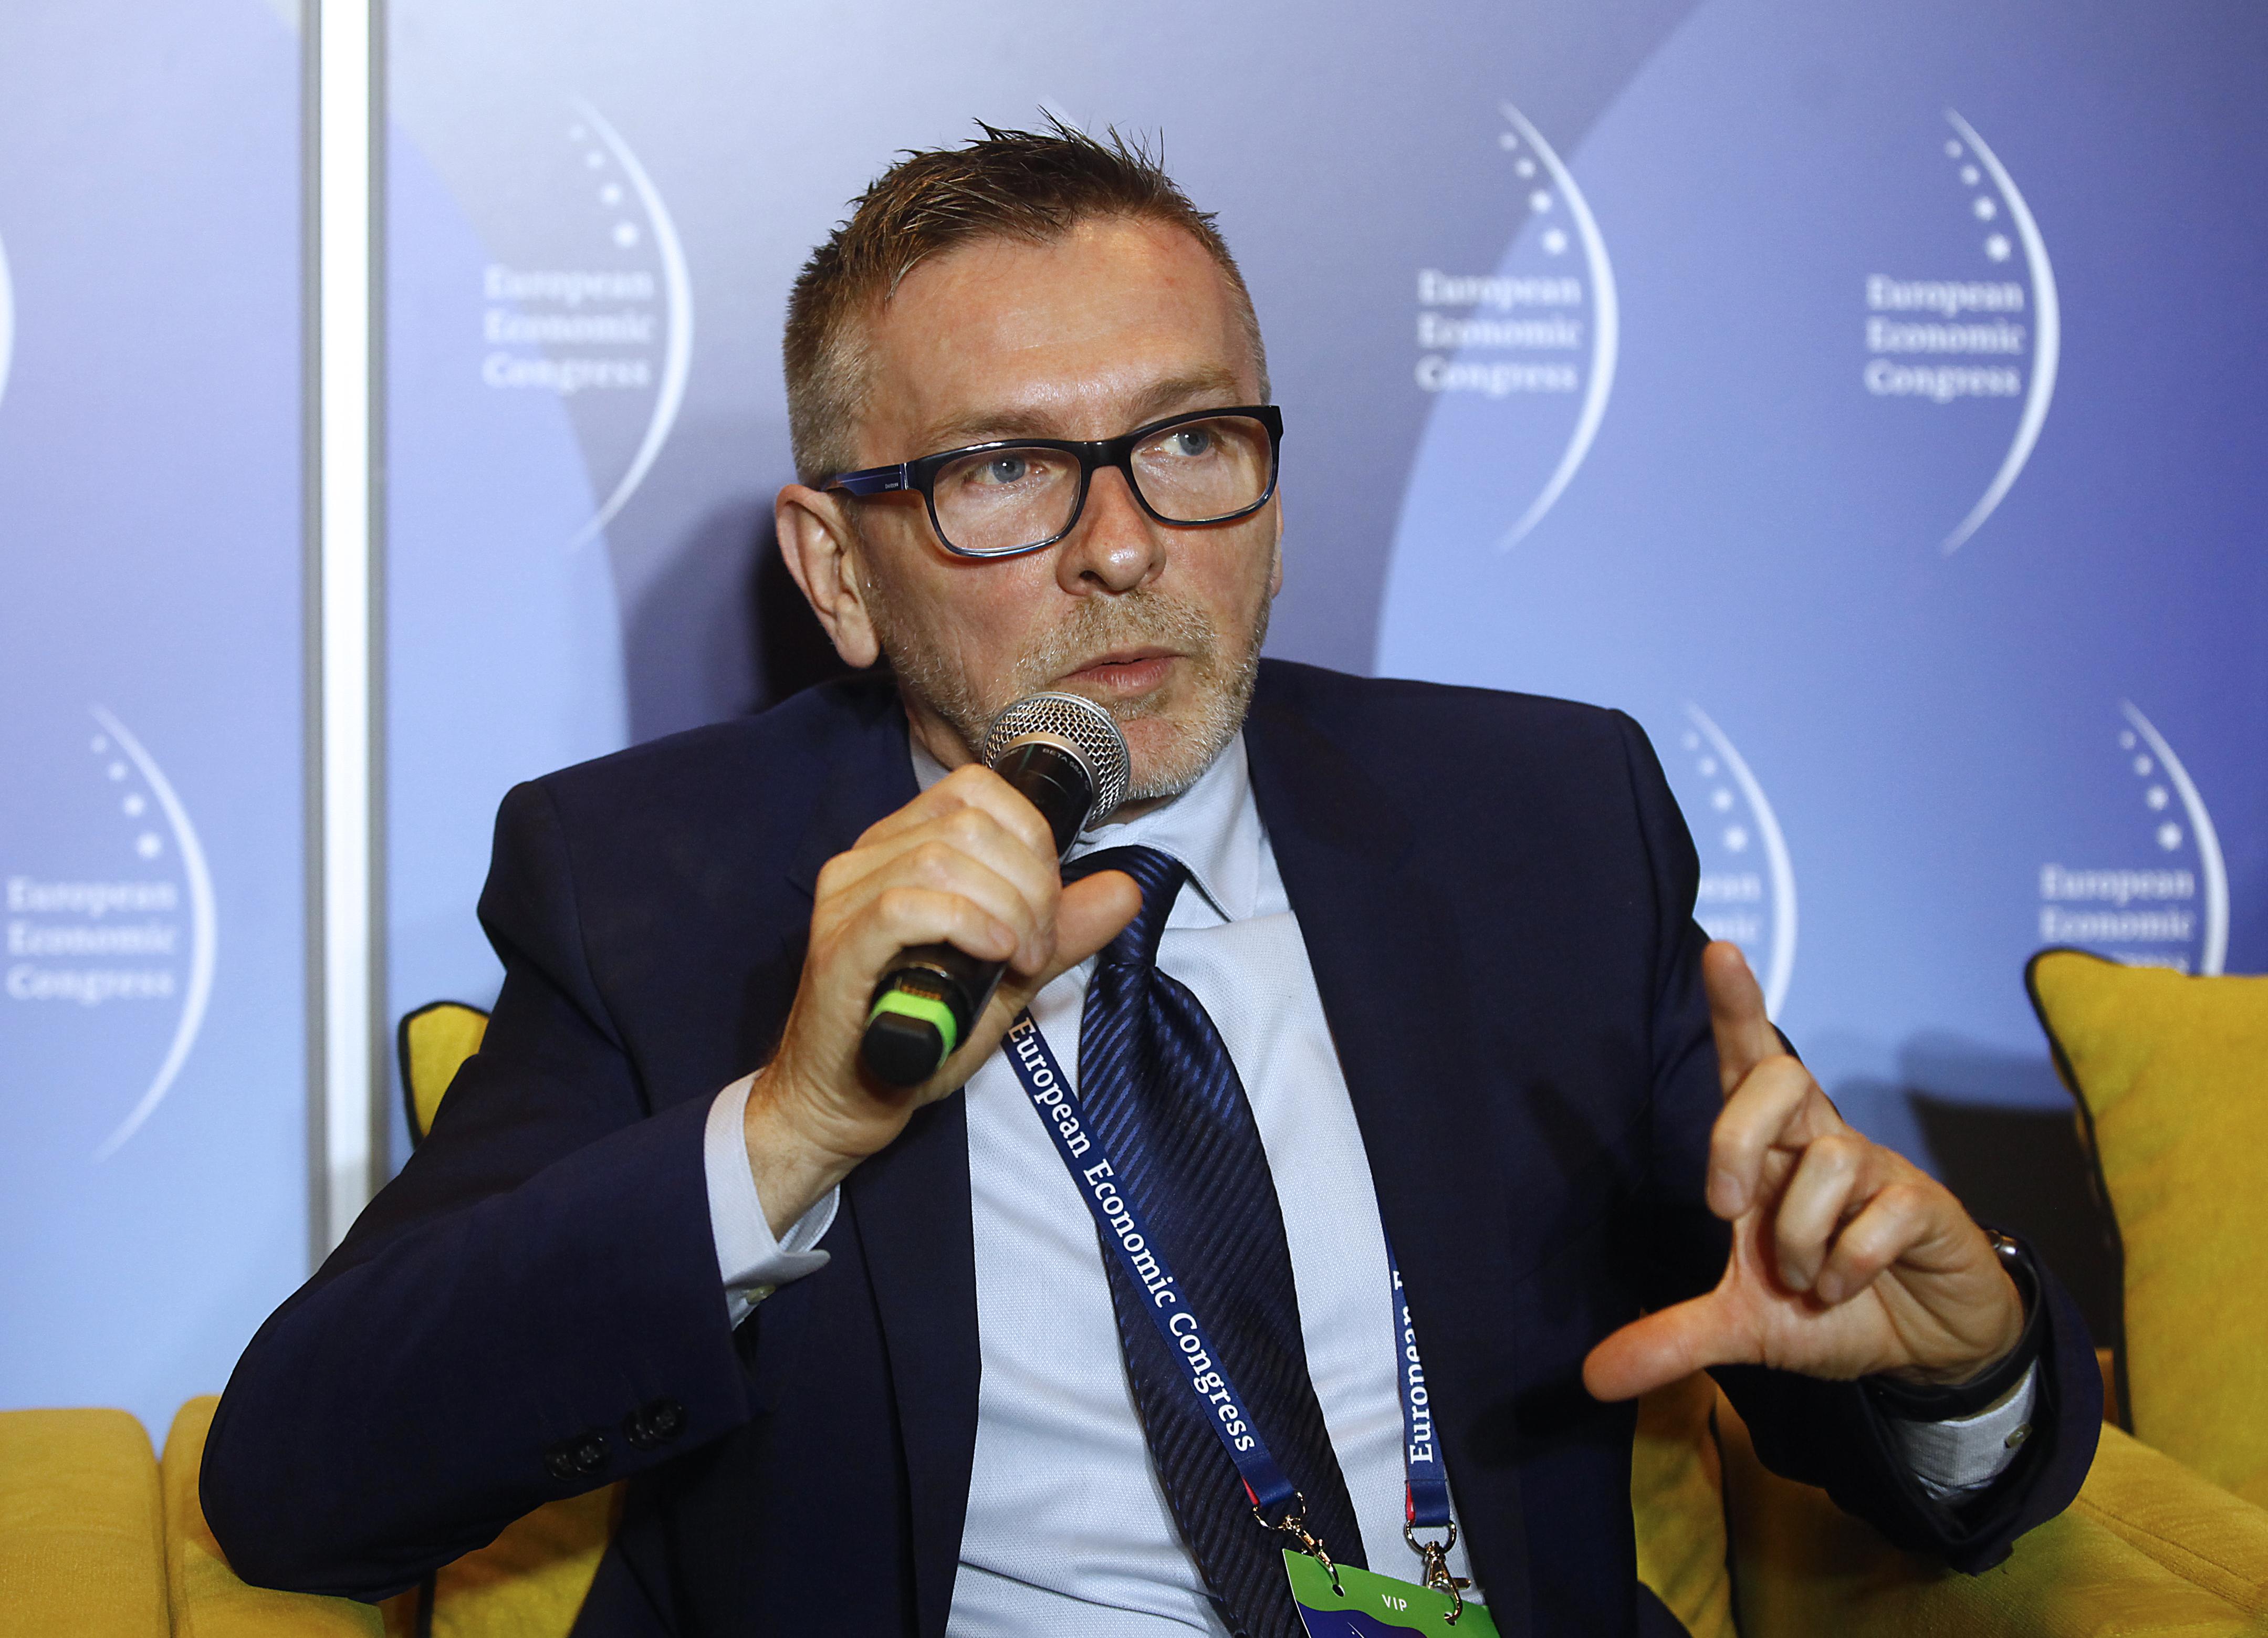 prof. Jacek Szołtysek, kierownik Katedry Logistyki Społecznej Uniwersytetu Ekonomicznego w Katowicach. Fot. PTWP/AŁ